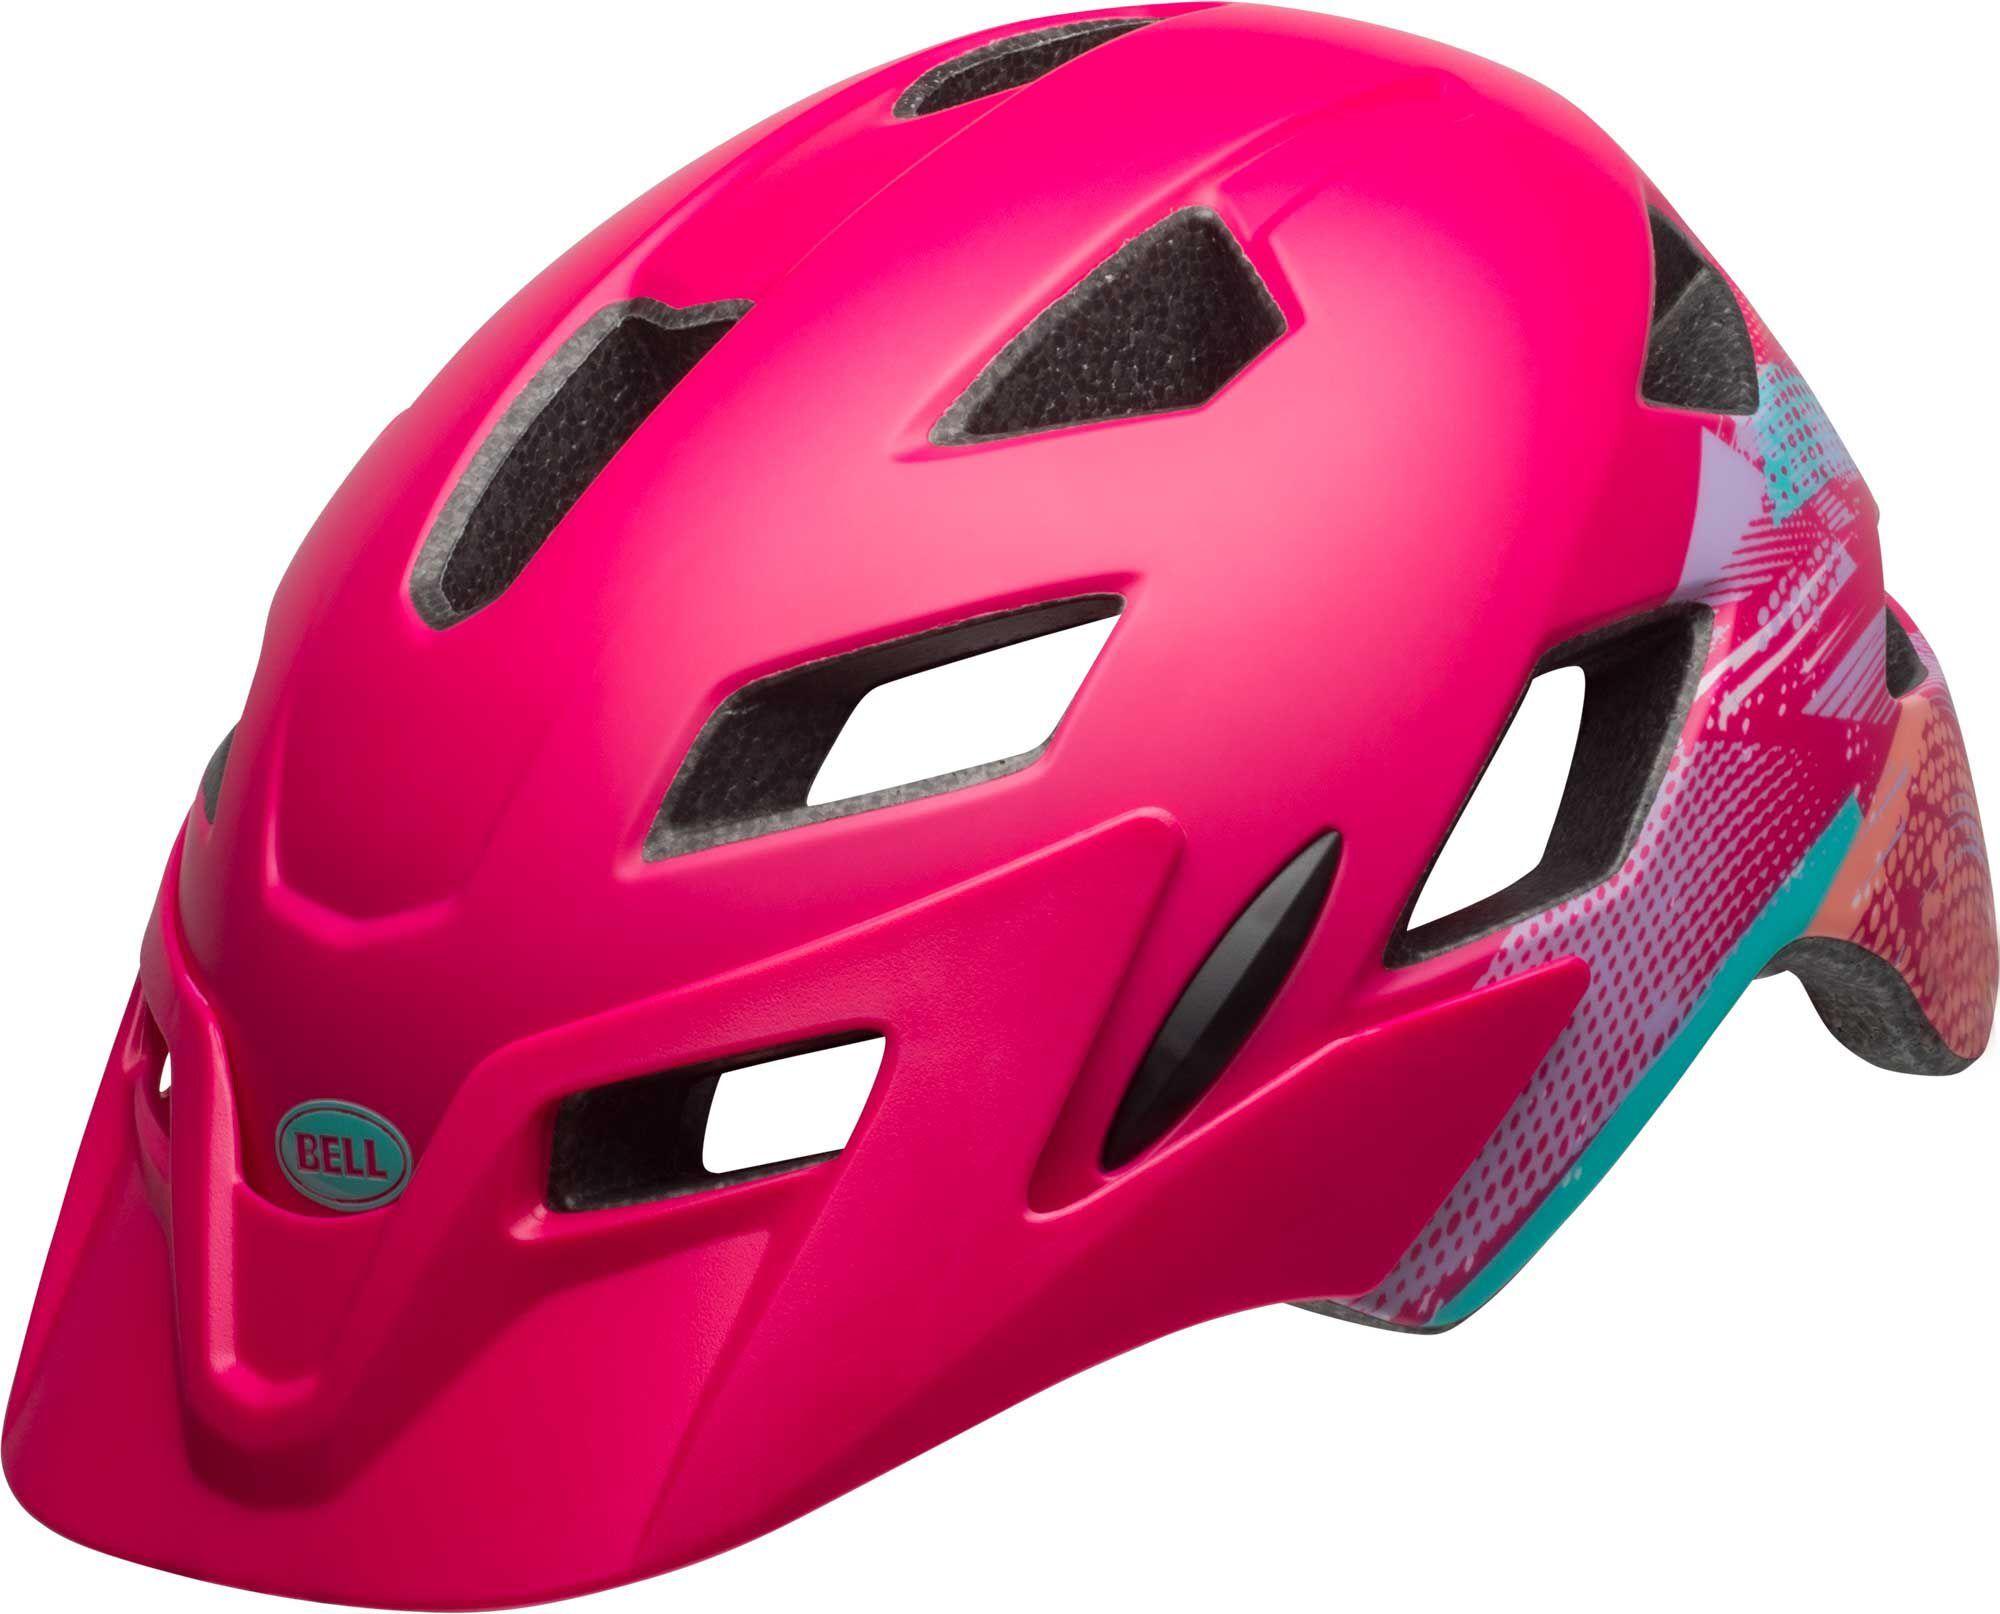 Bell Youth Sidetrack Bike Helmet, Kids, Matte Berry